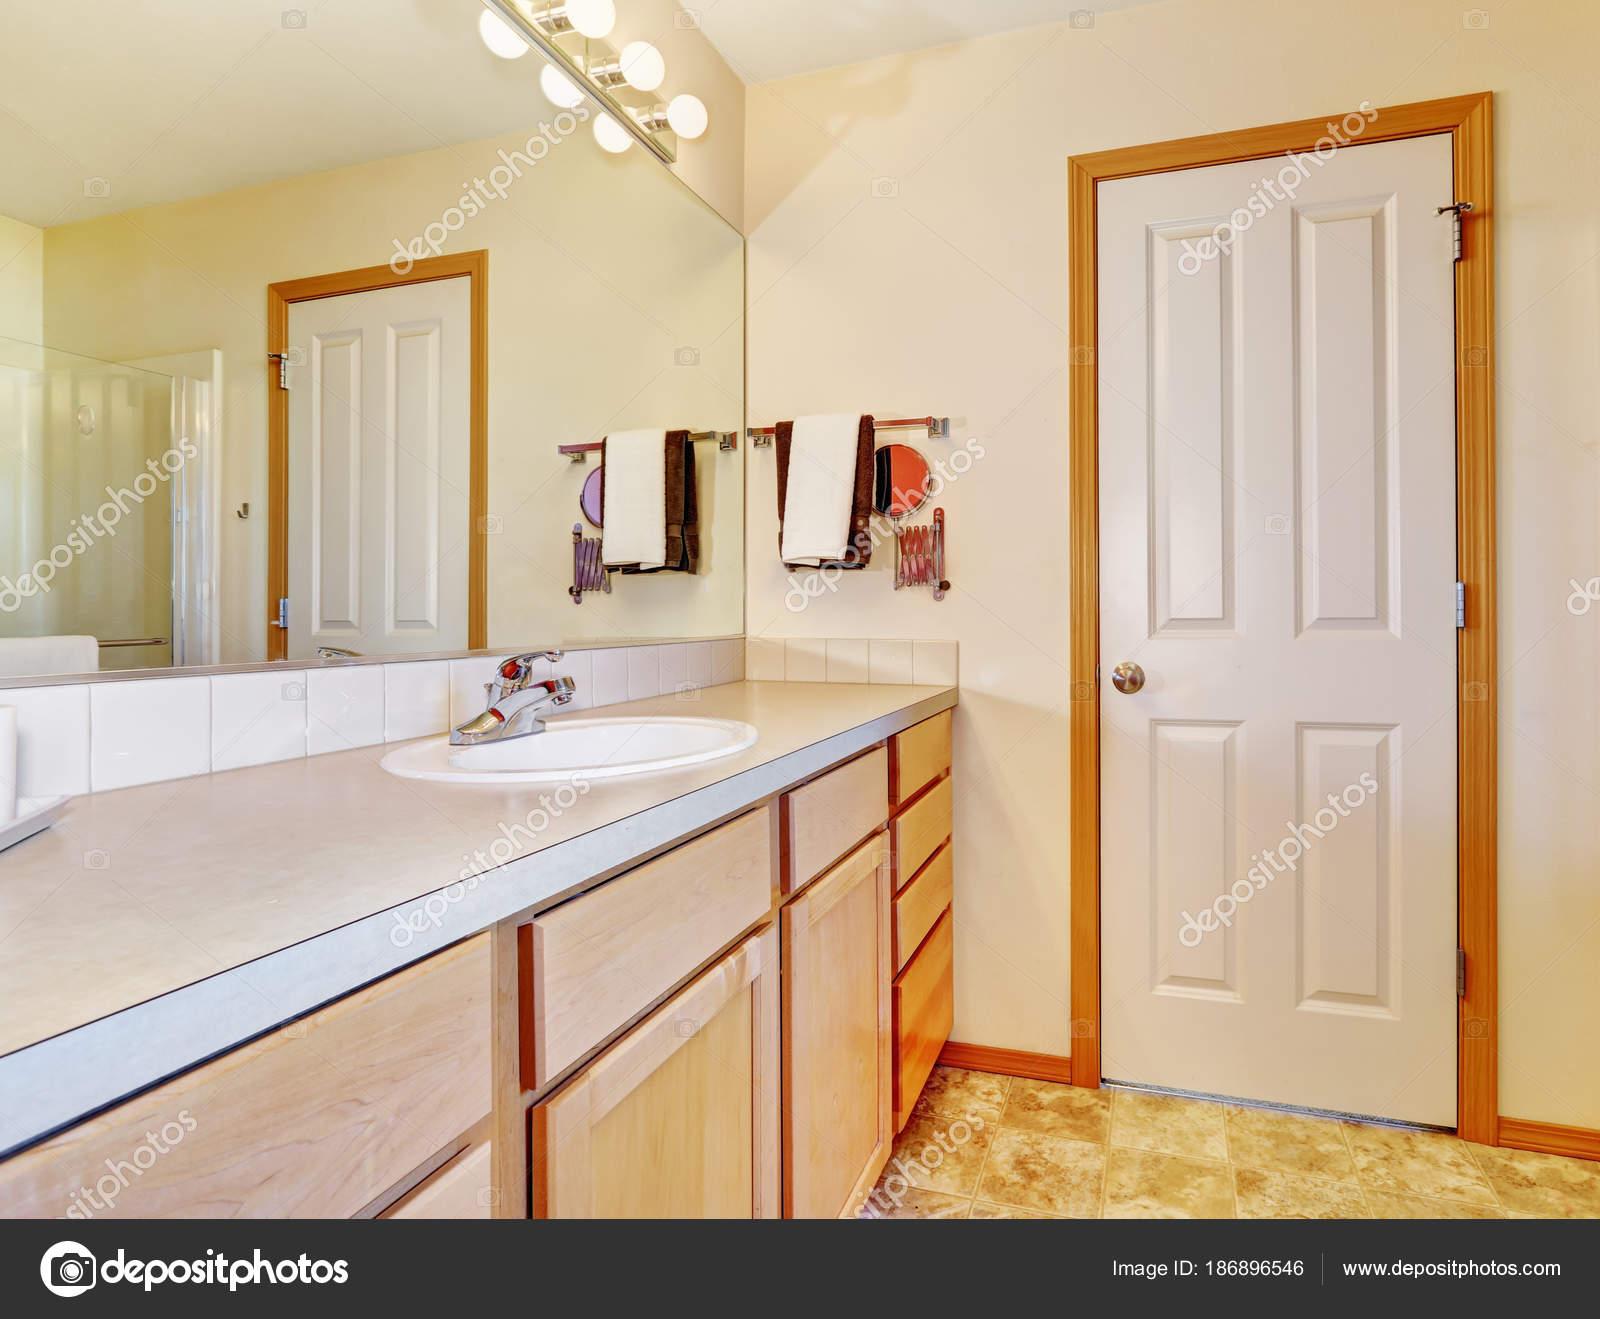 Salle de bain beige chaud avec armoires en bois clair ...